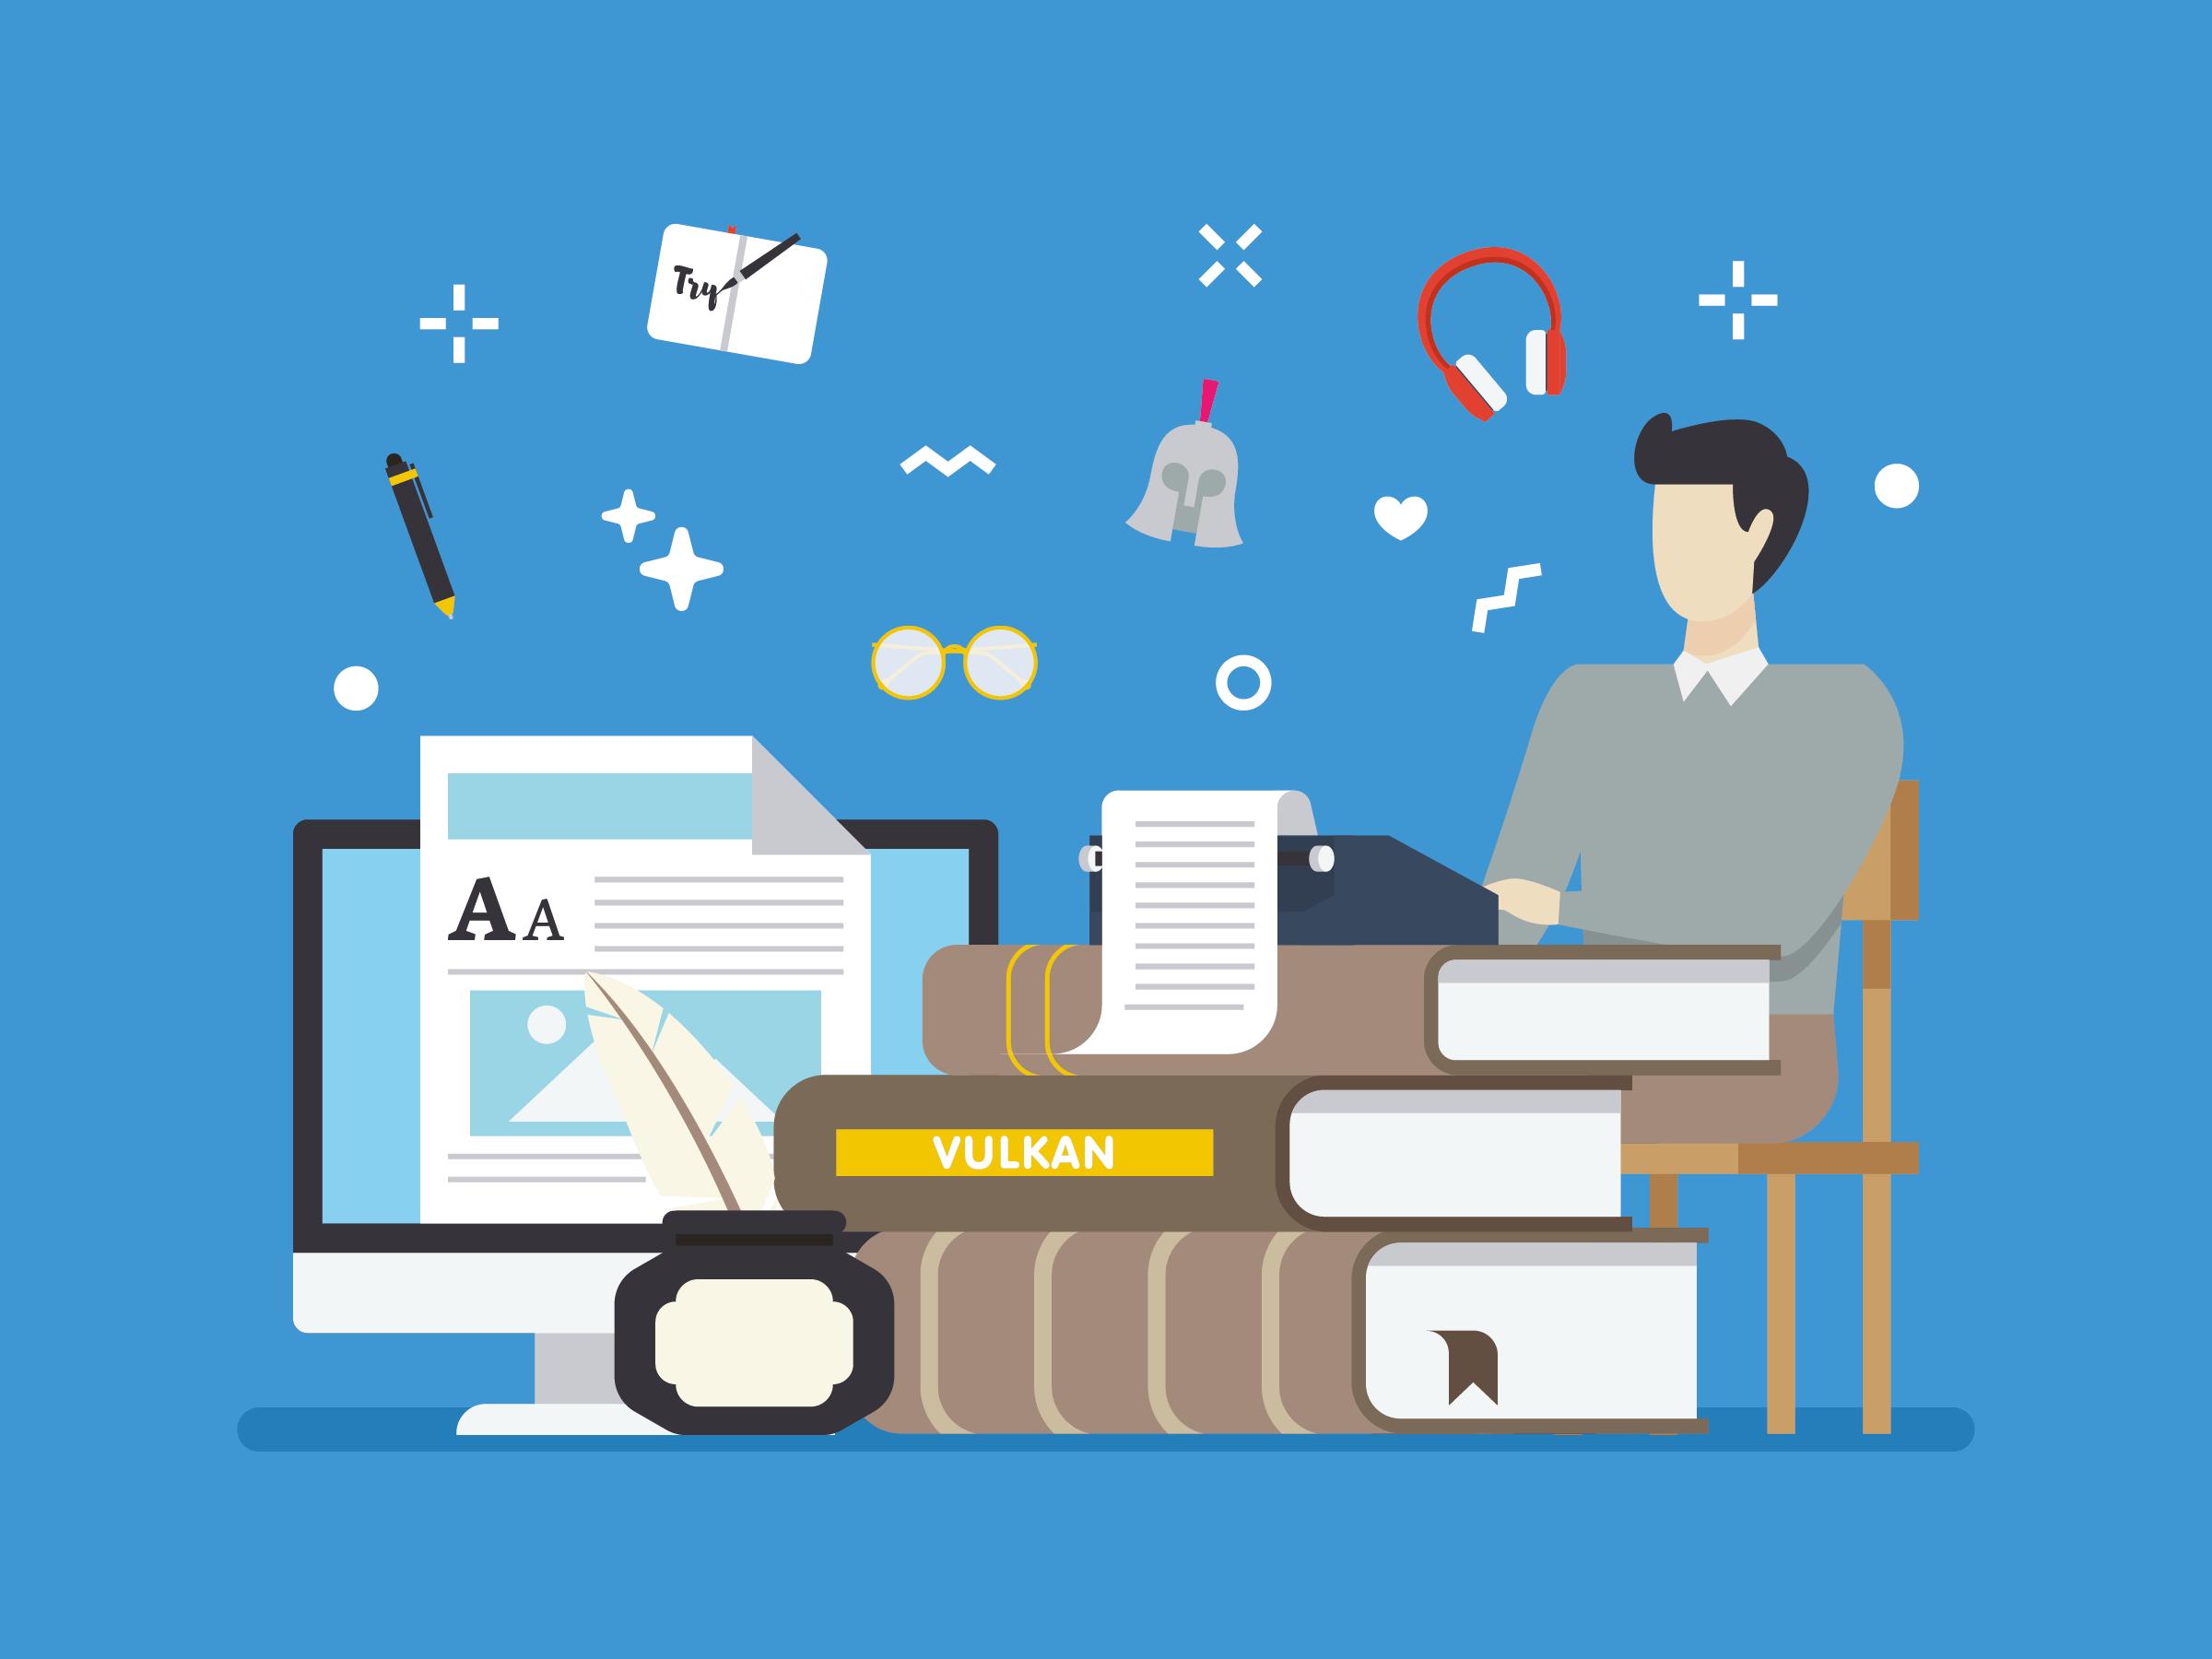 Är du en författare eller en skrivande person?